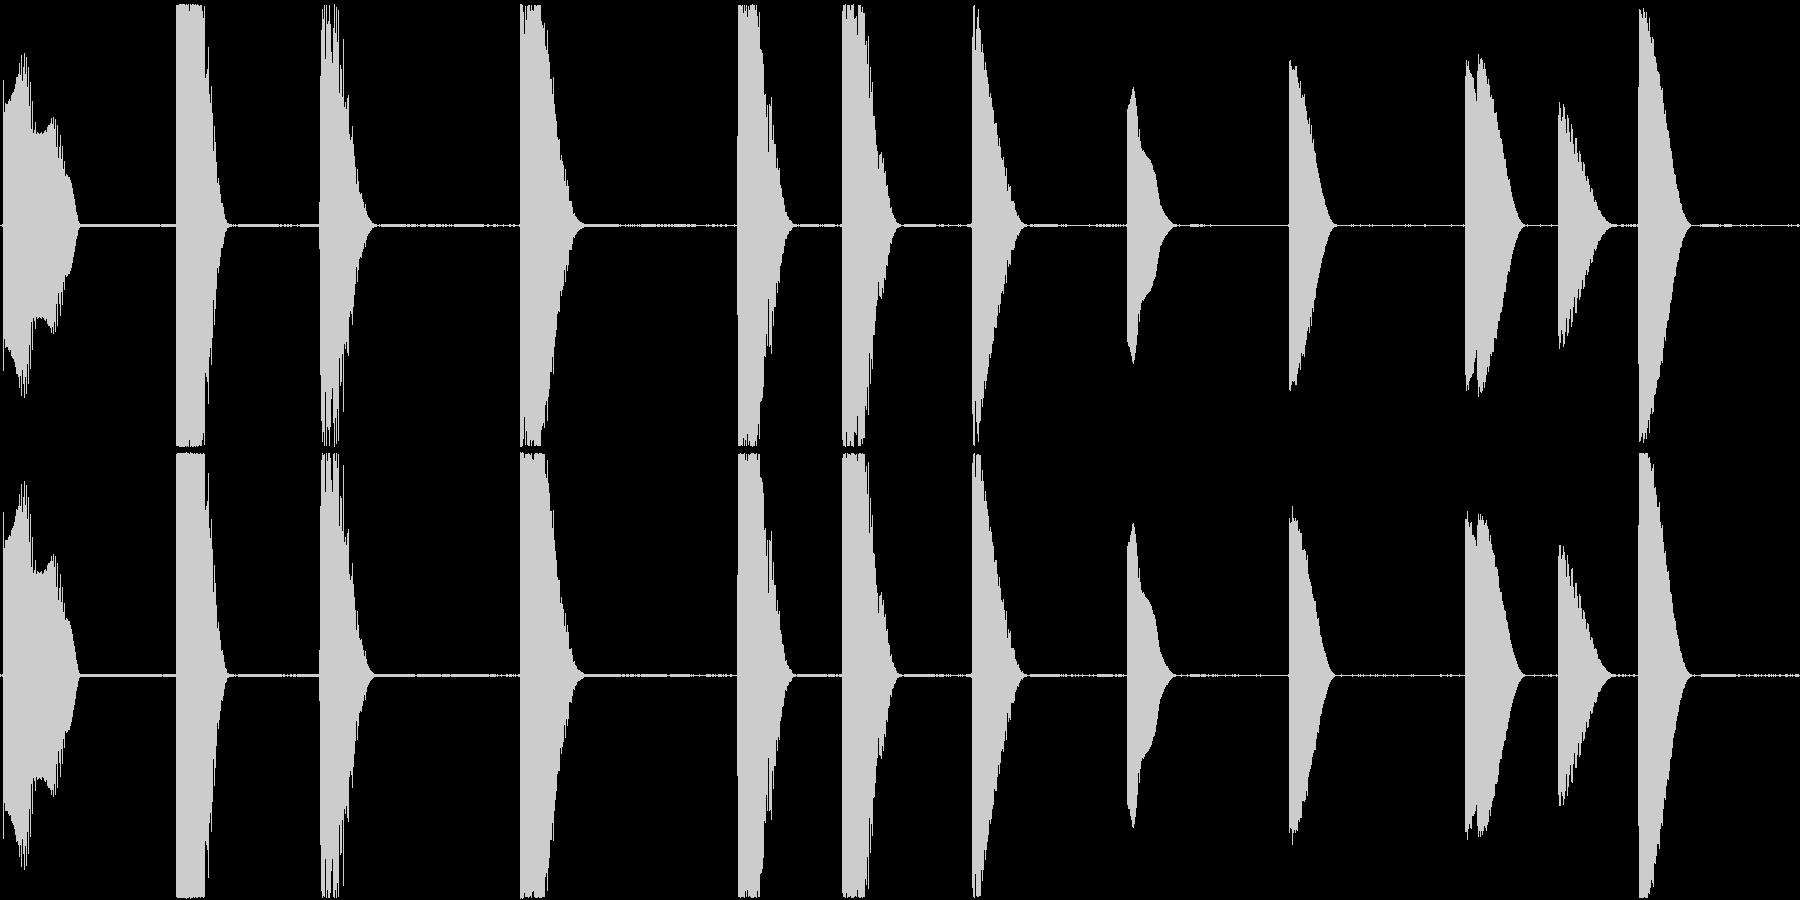 音がこもったエレクトリックピアノの未再生の波形